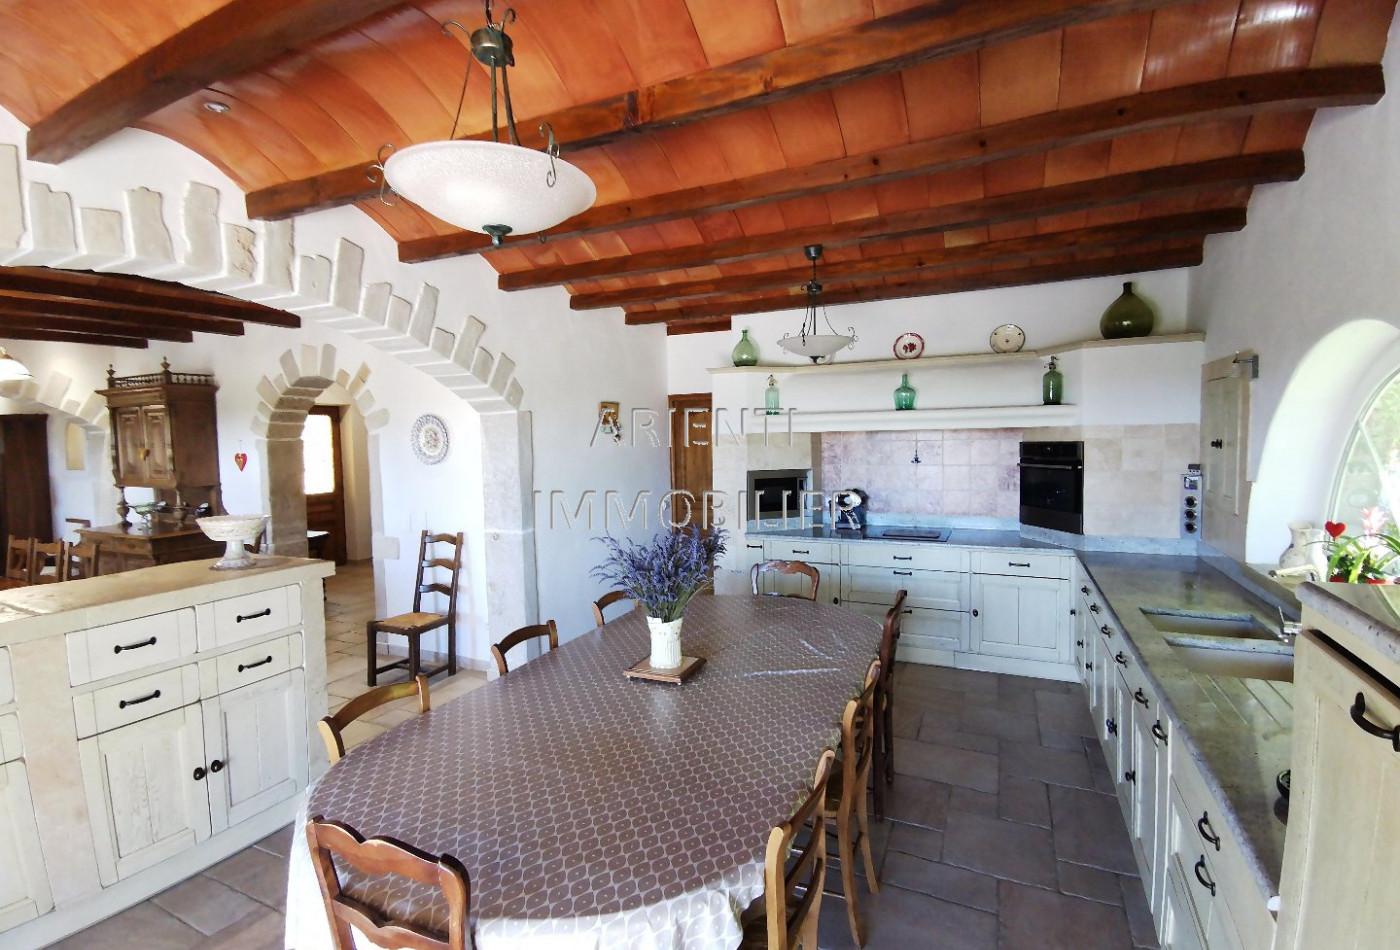 A vendre  Montbrison | Réf 260013388 - Office immobilier arienti